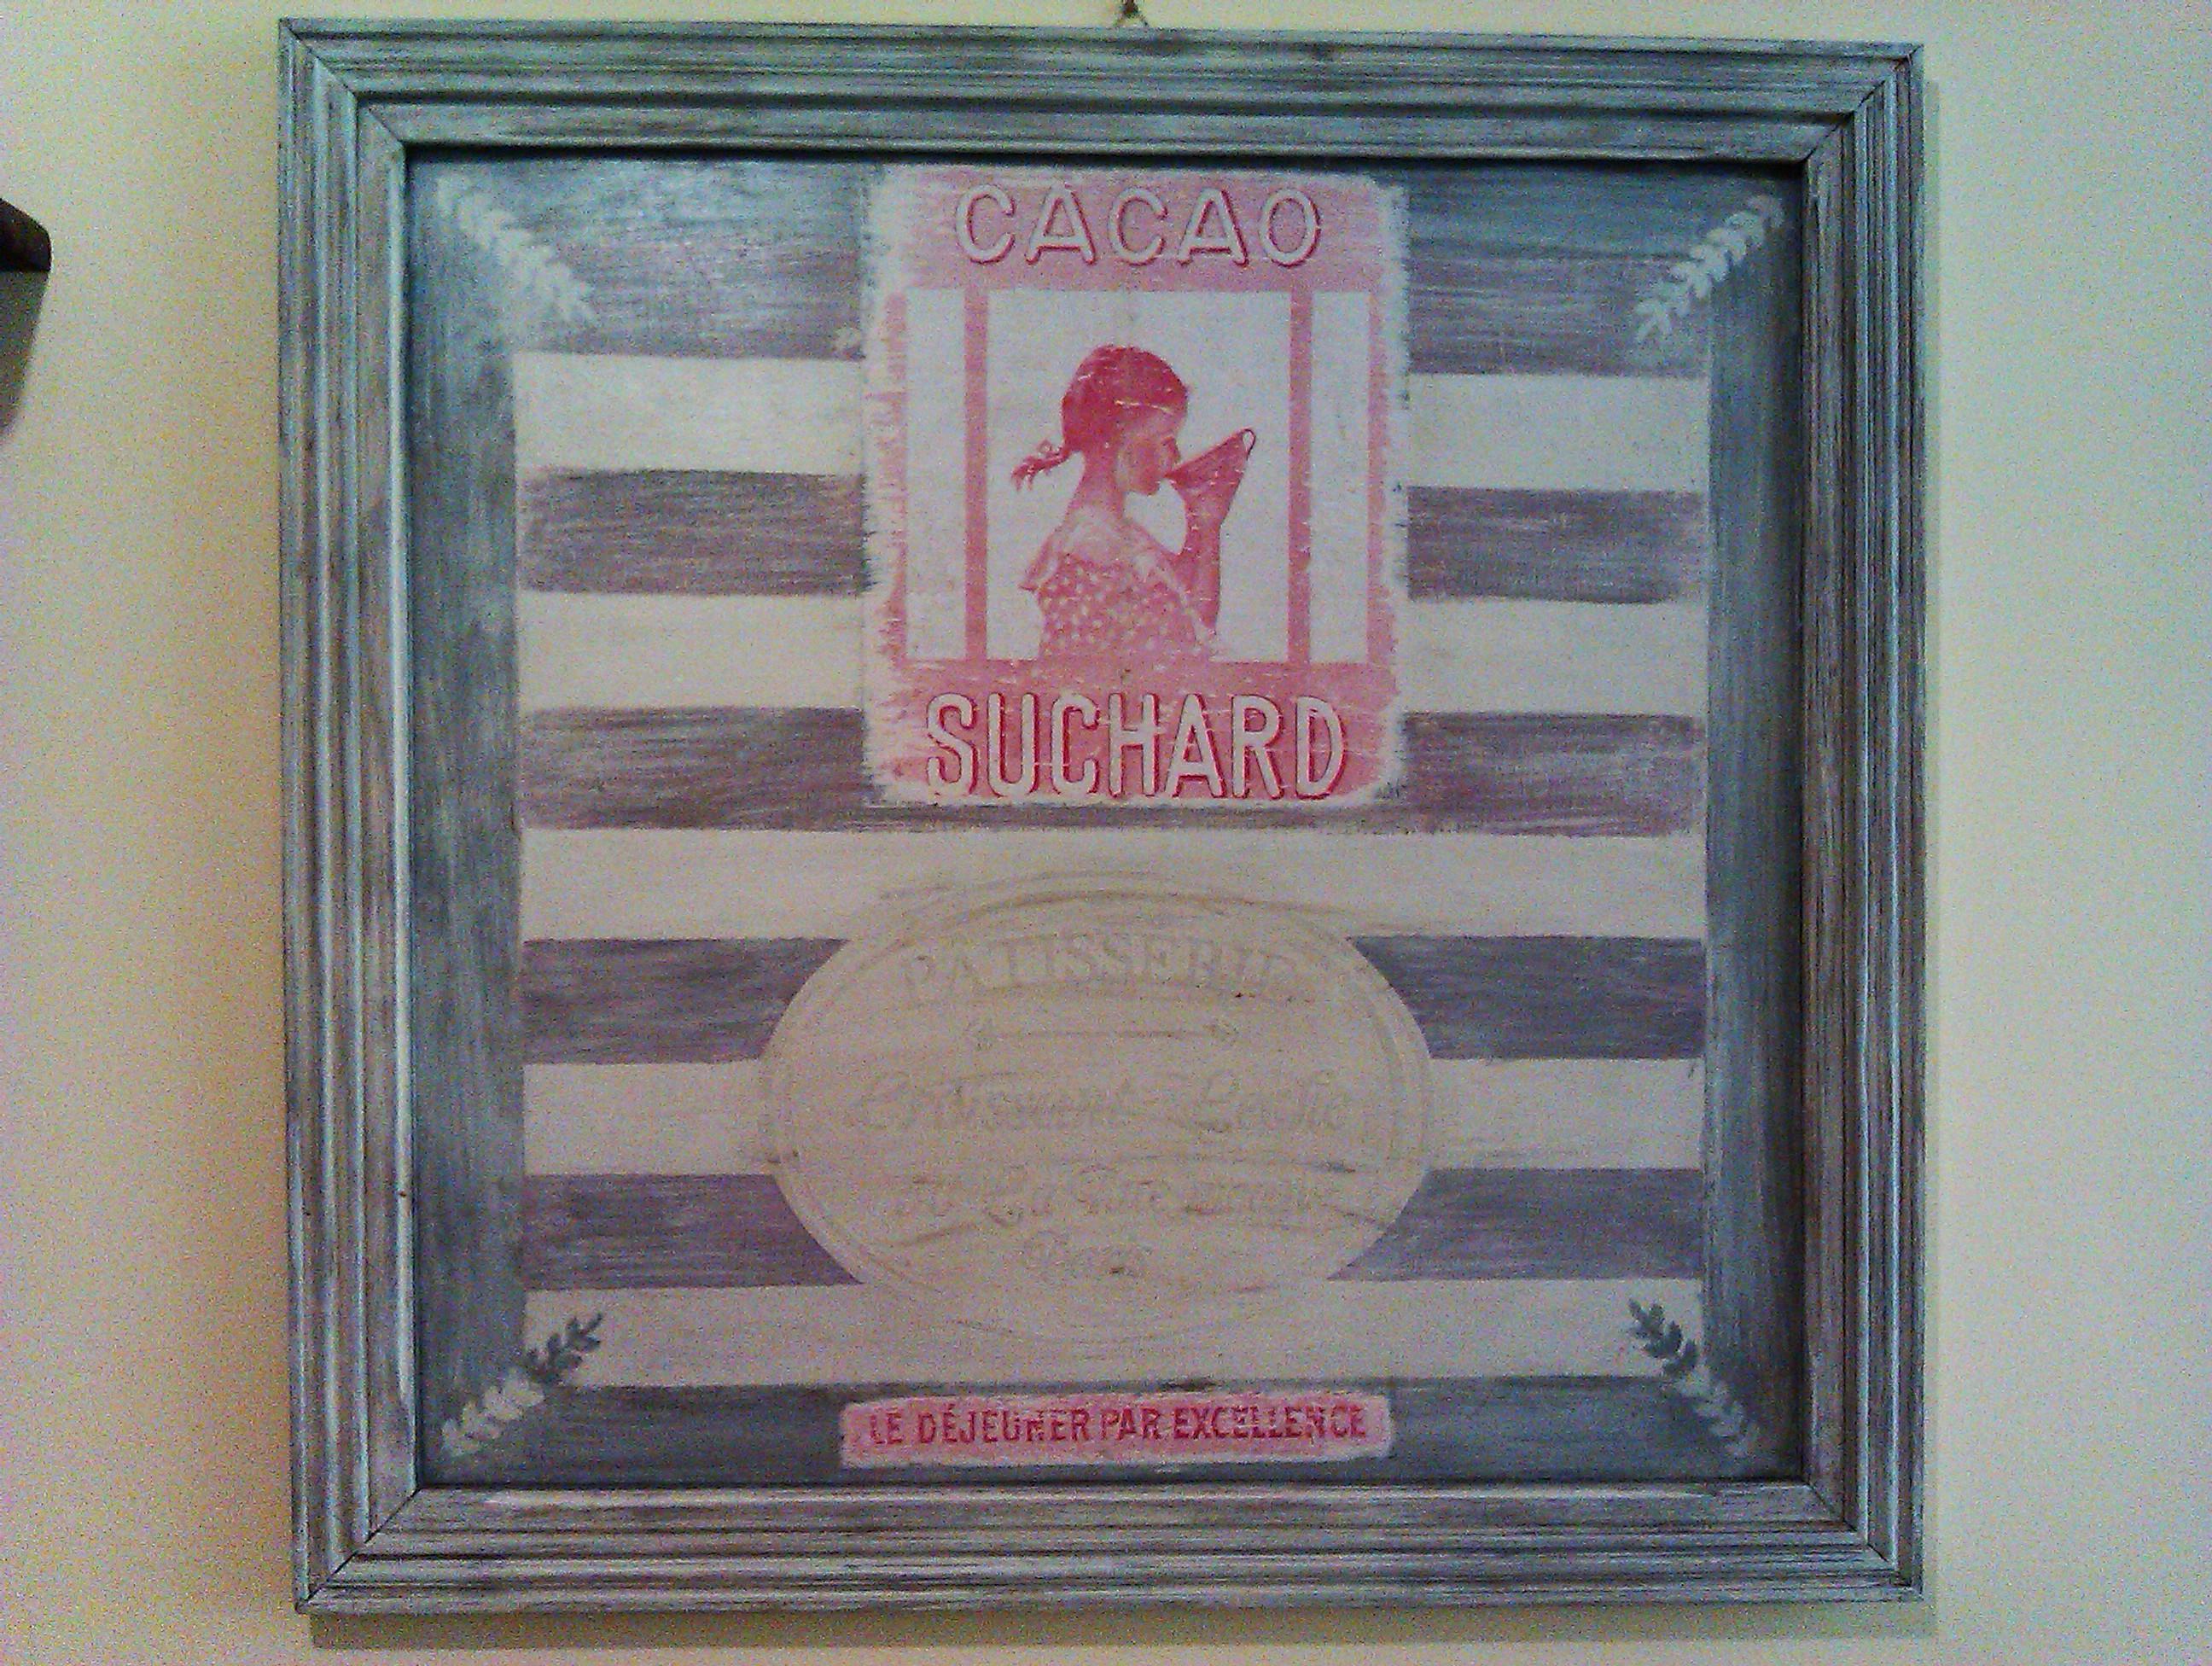 La pubblicità d'epoca Suchard nelle cornici Shabby